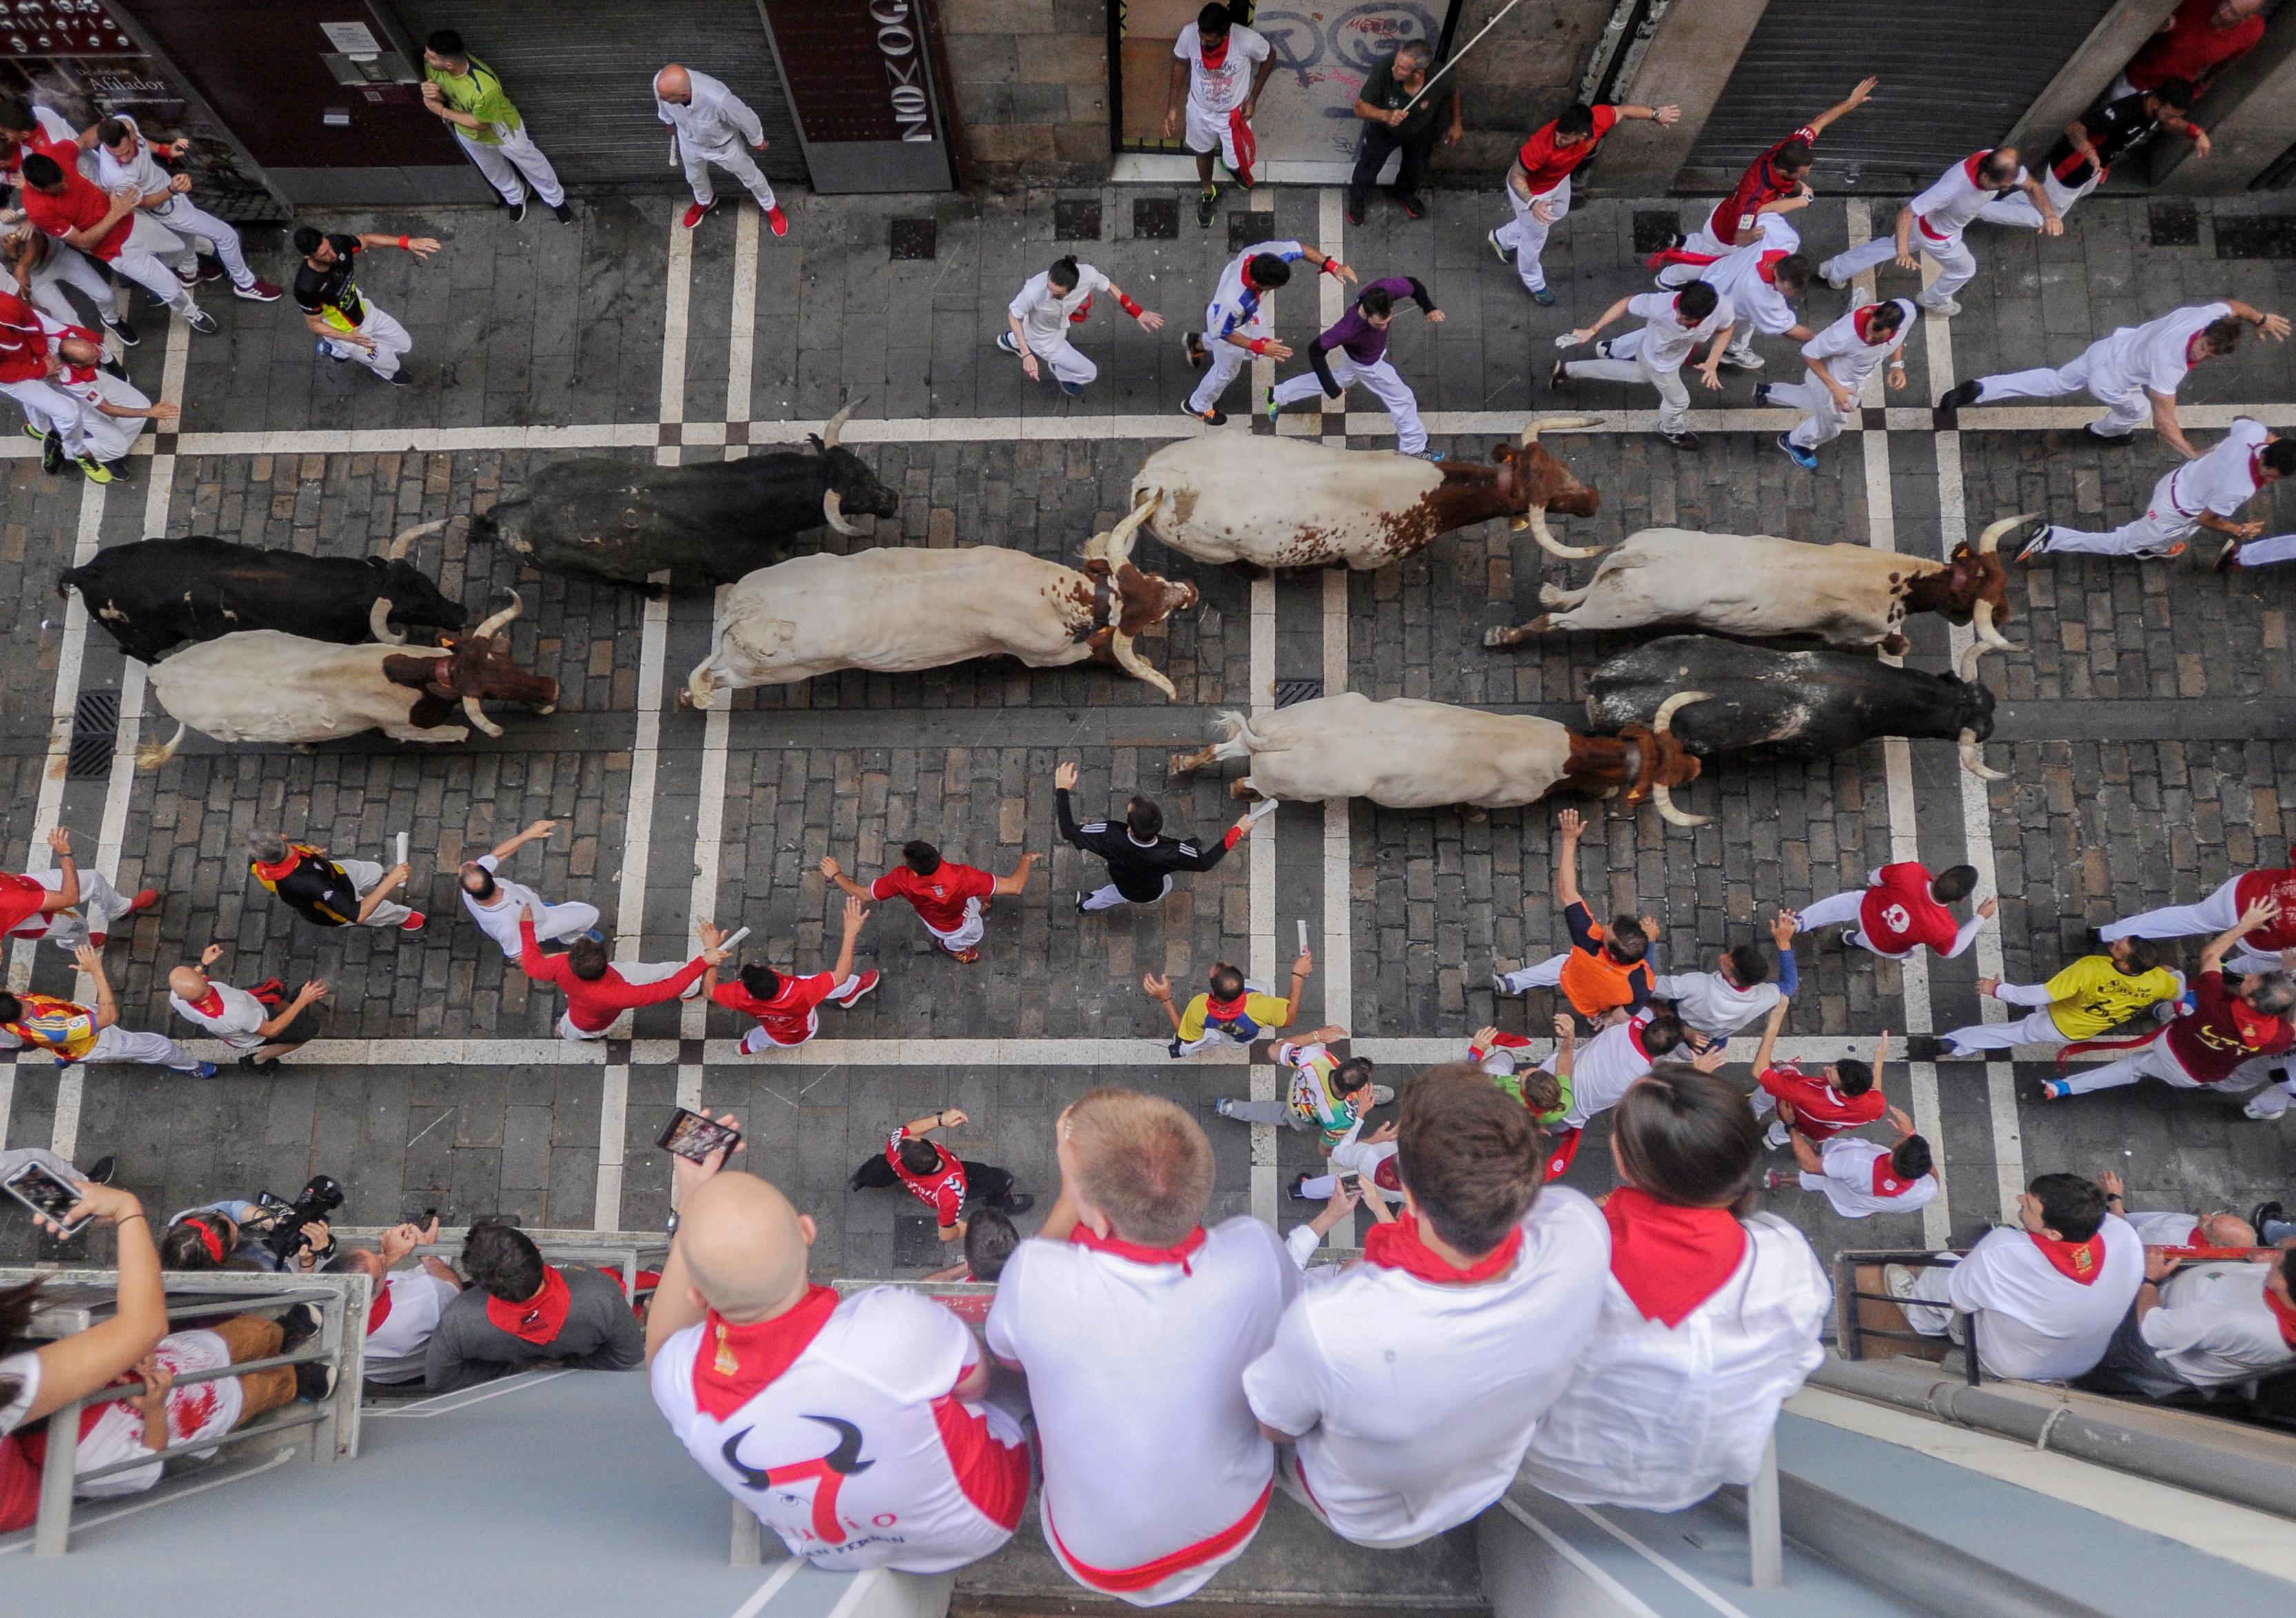 Los miuras, como es tradición, protagonizaron el último encierro de las fiestas de San Fermín, que empezaron el pasado día 6, aunque las carreras de toros, el aspecto más conocido internacionalmente, fueron desde el día siguiente